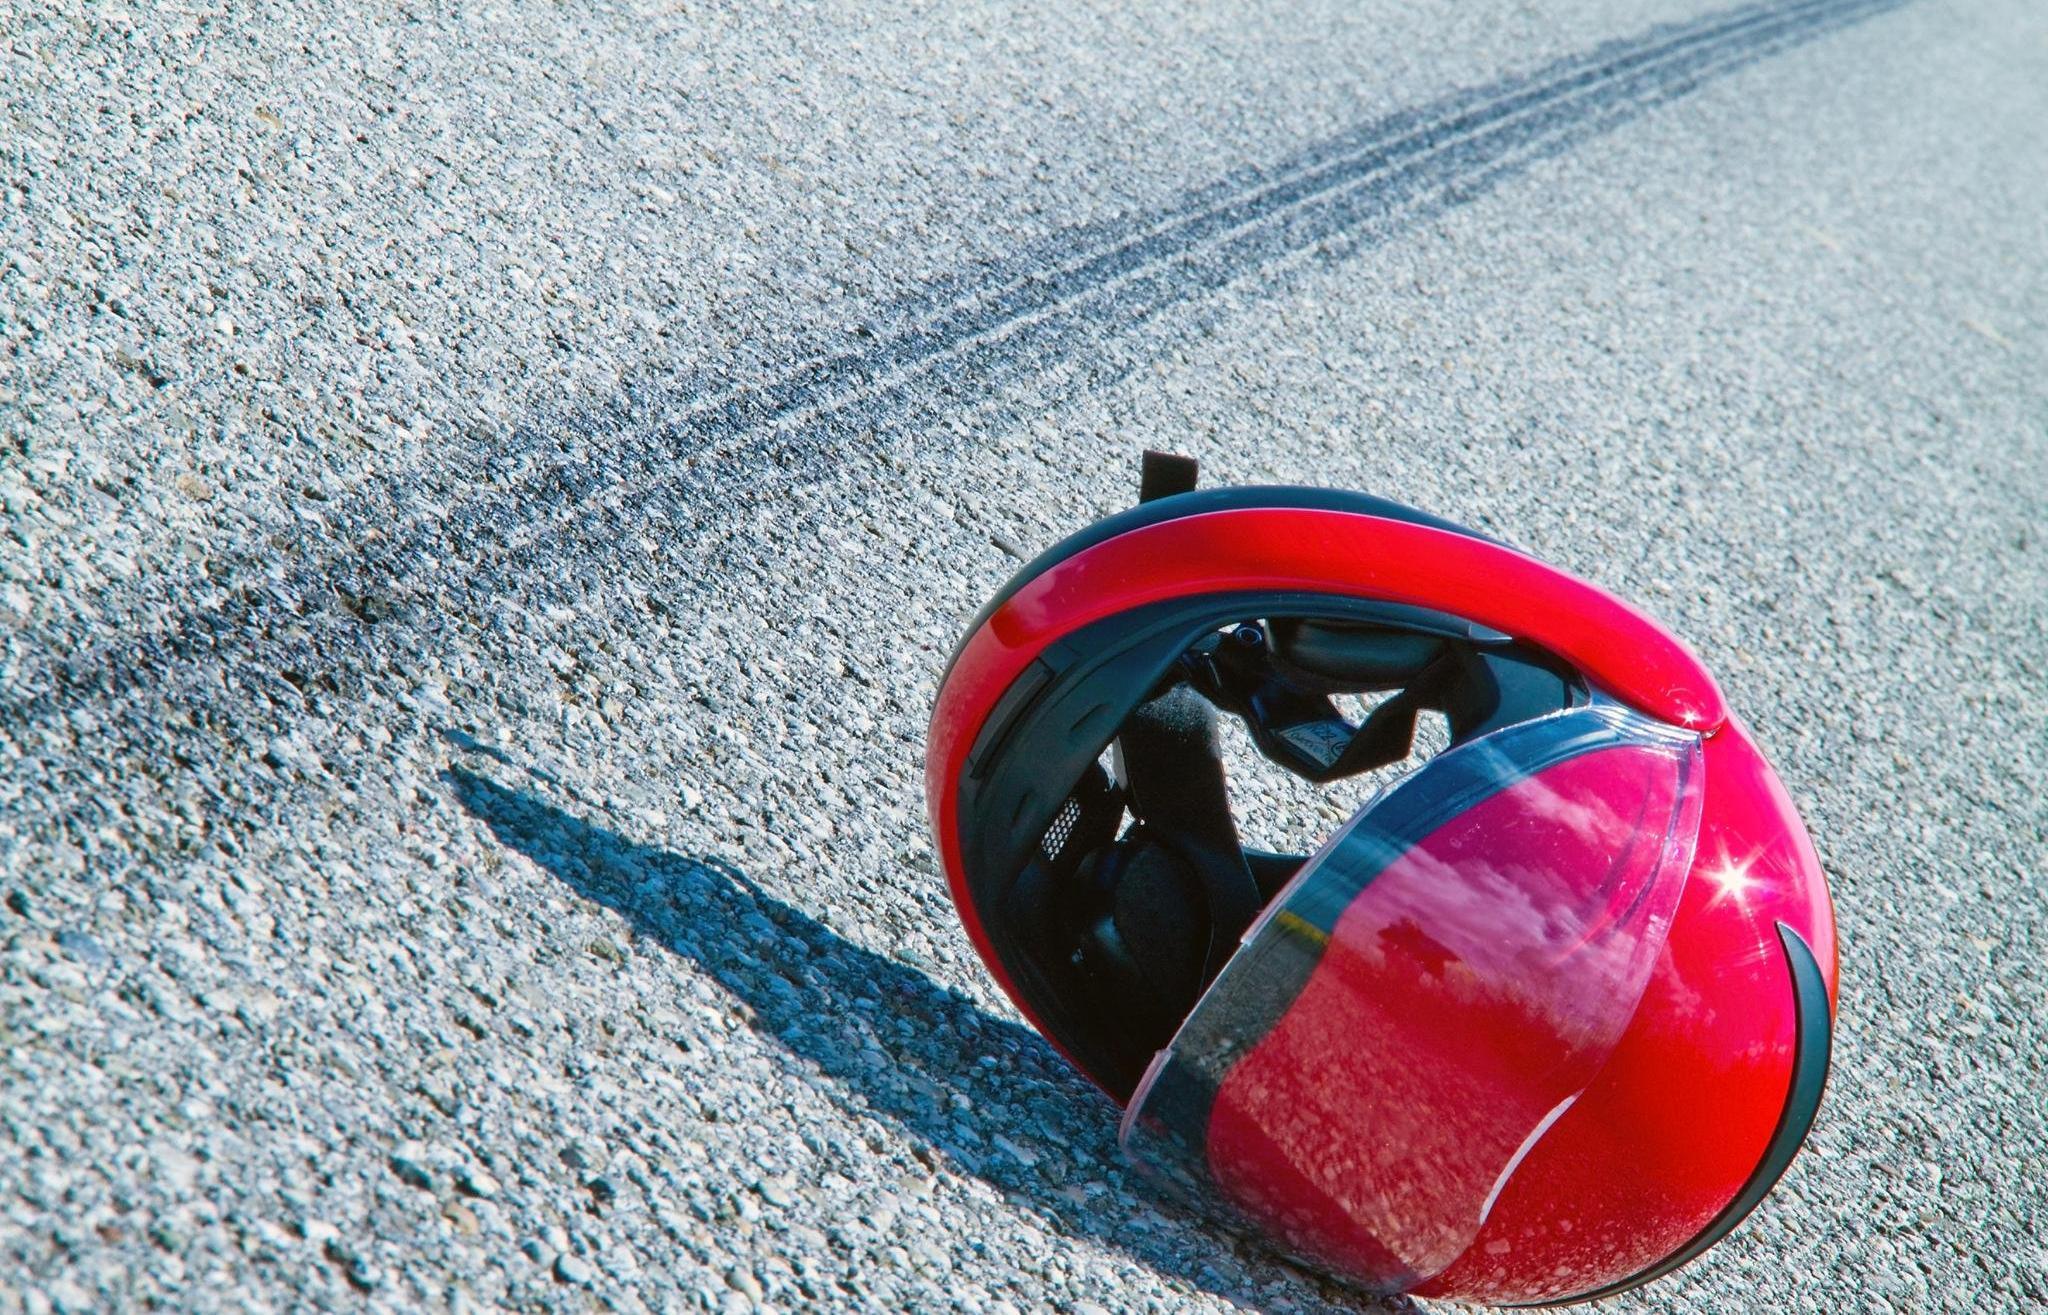 В Тверской области тяжелые травмы получил перевернувшийся на квадроцикле мужчина - новости Афанасий